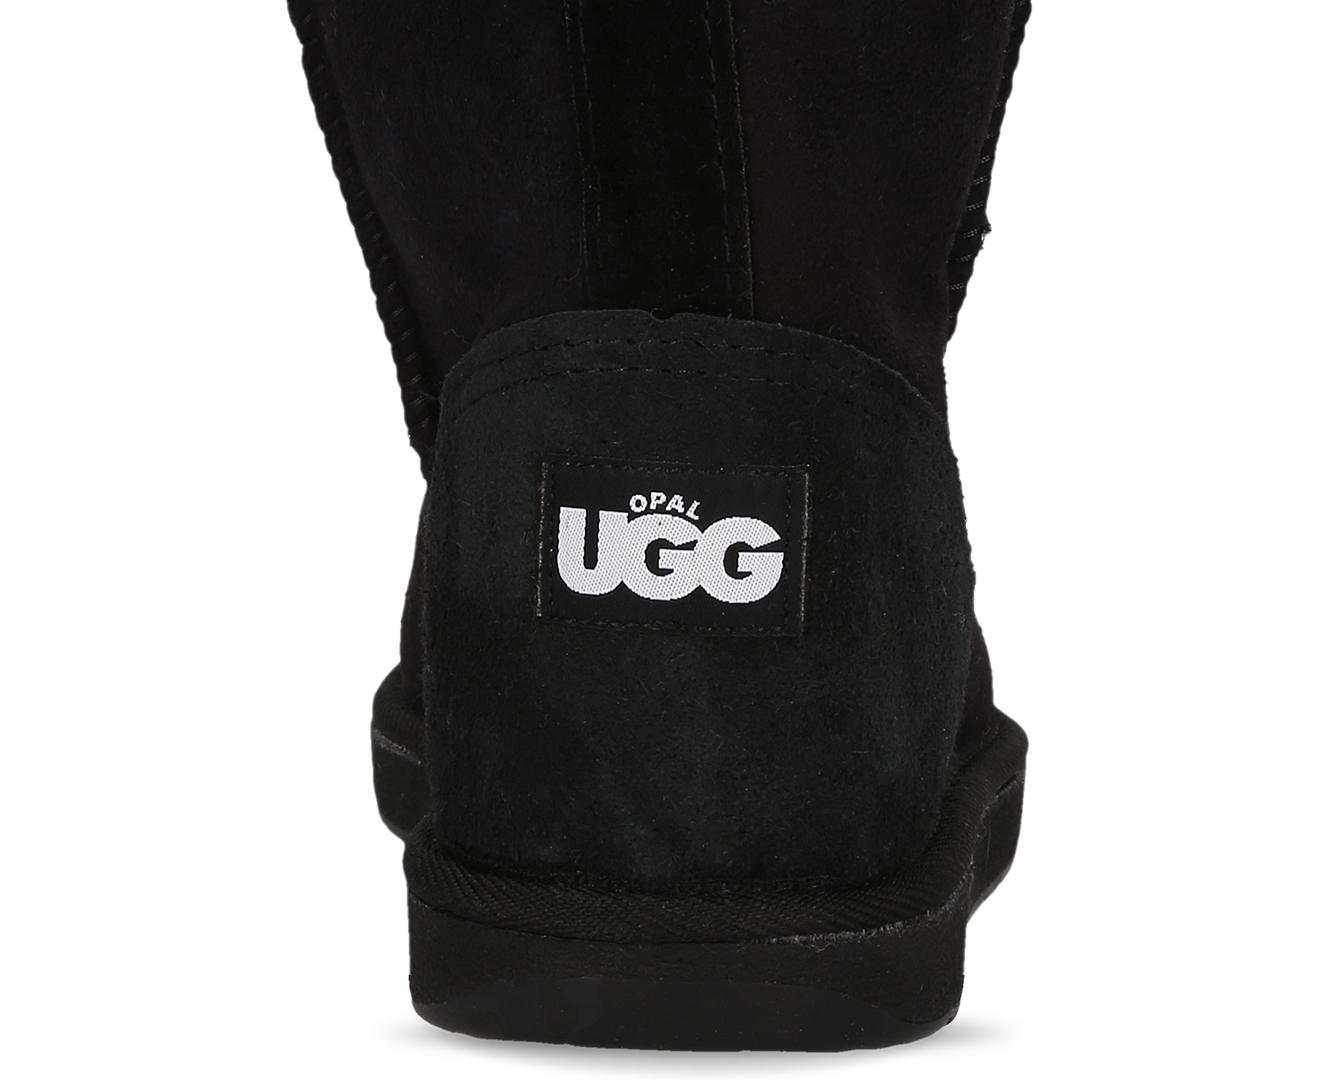 f1cc8d9ddb8 Opal UGG Australian Made Tidal 3/4 Sheepskin Boots - Black